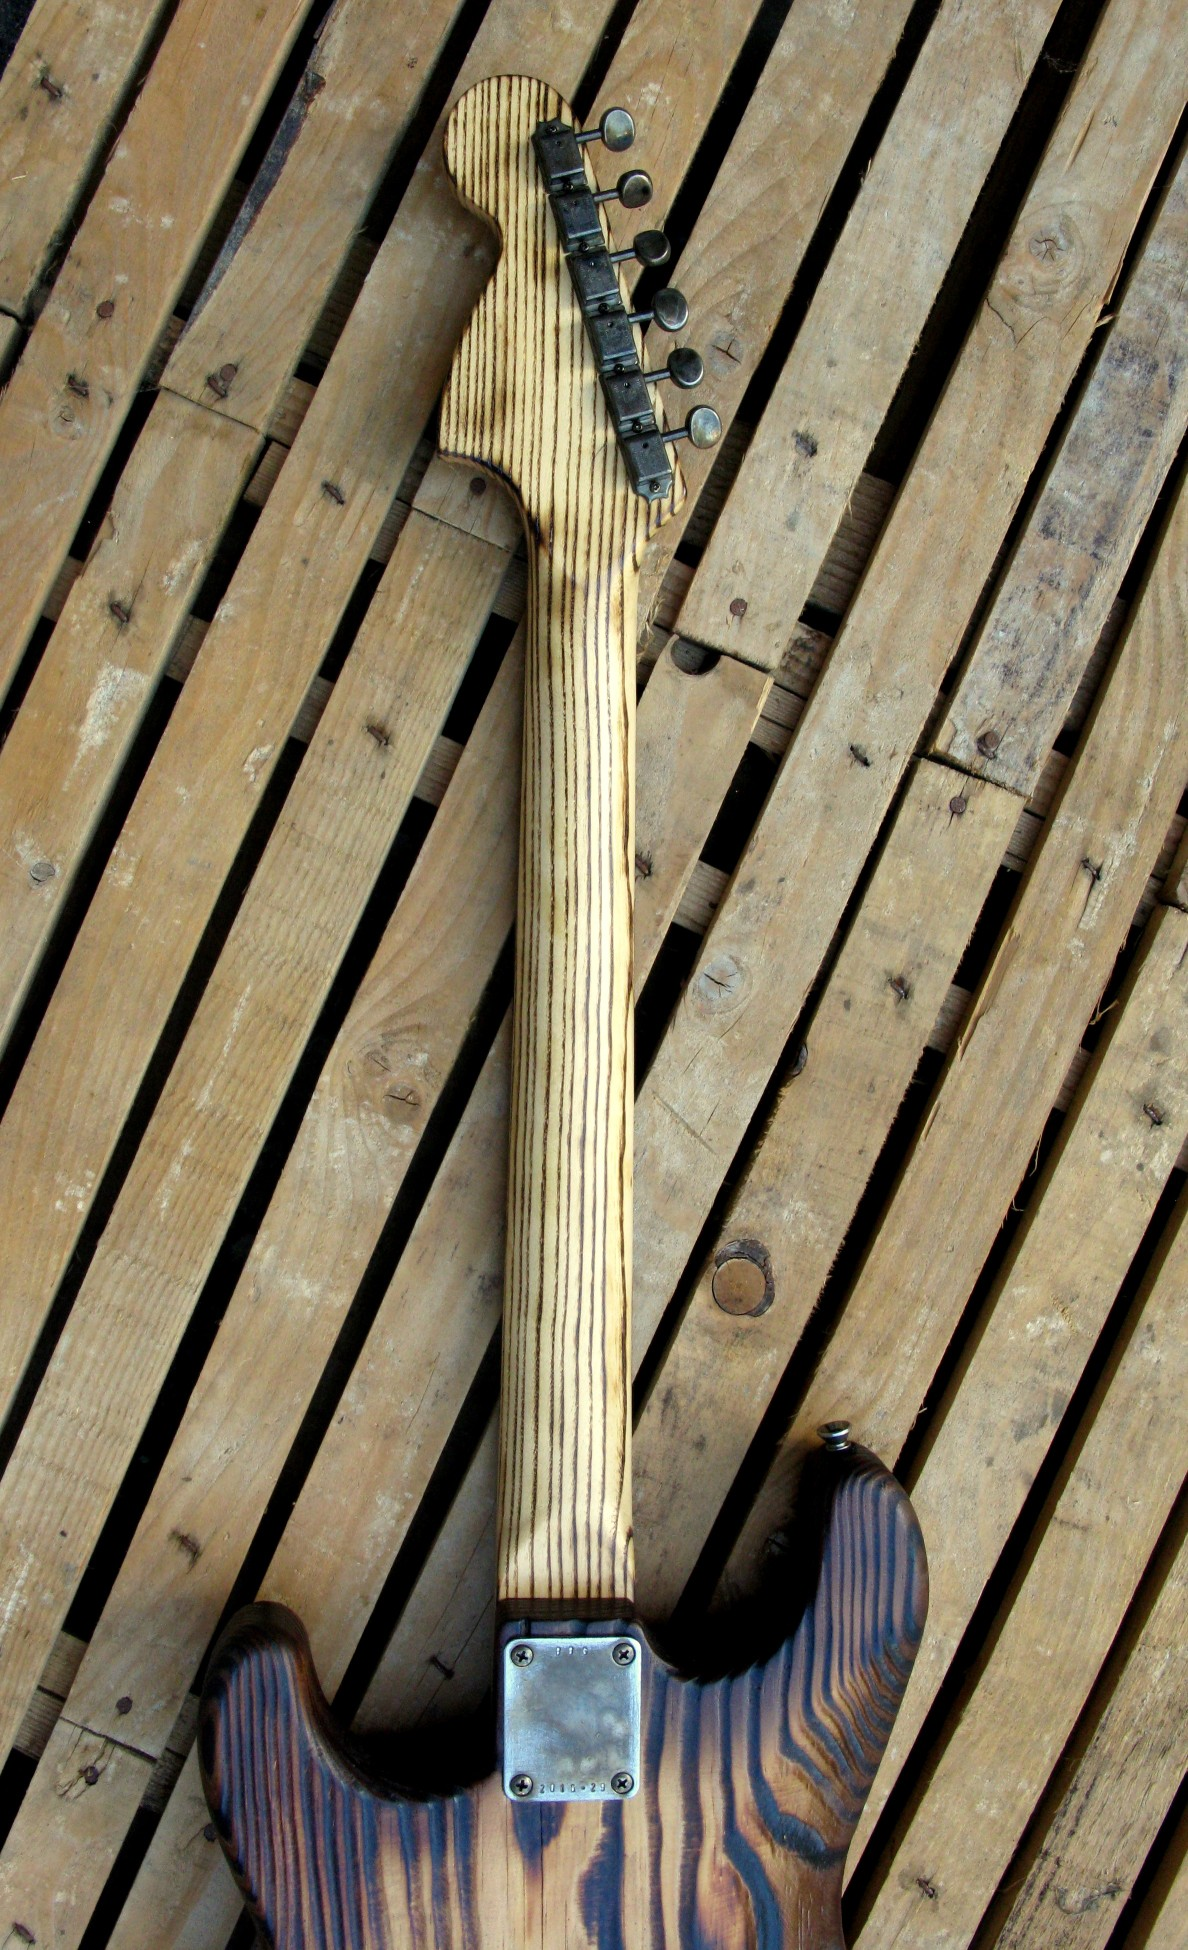 Retro del manico di una chitarra Stratocaster in pino roasted